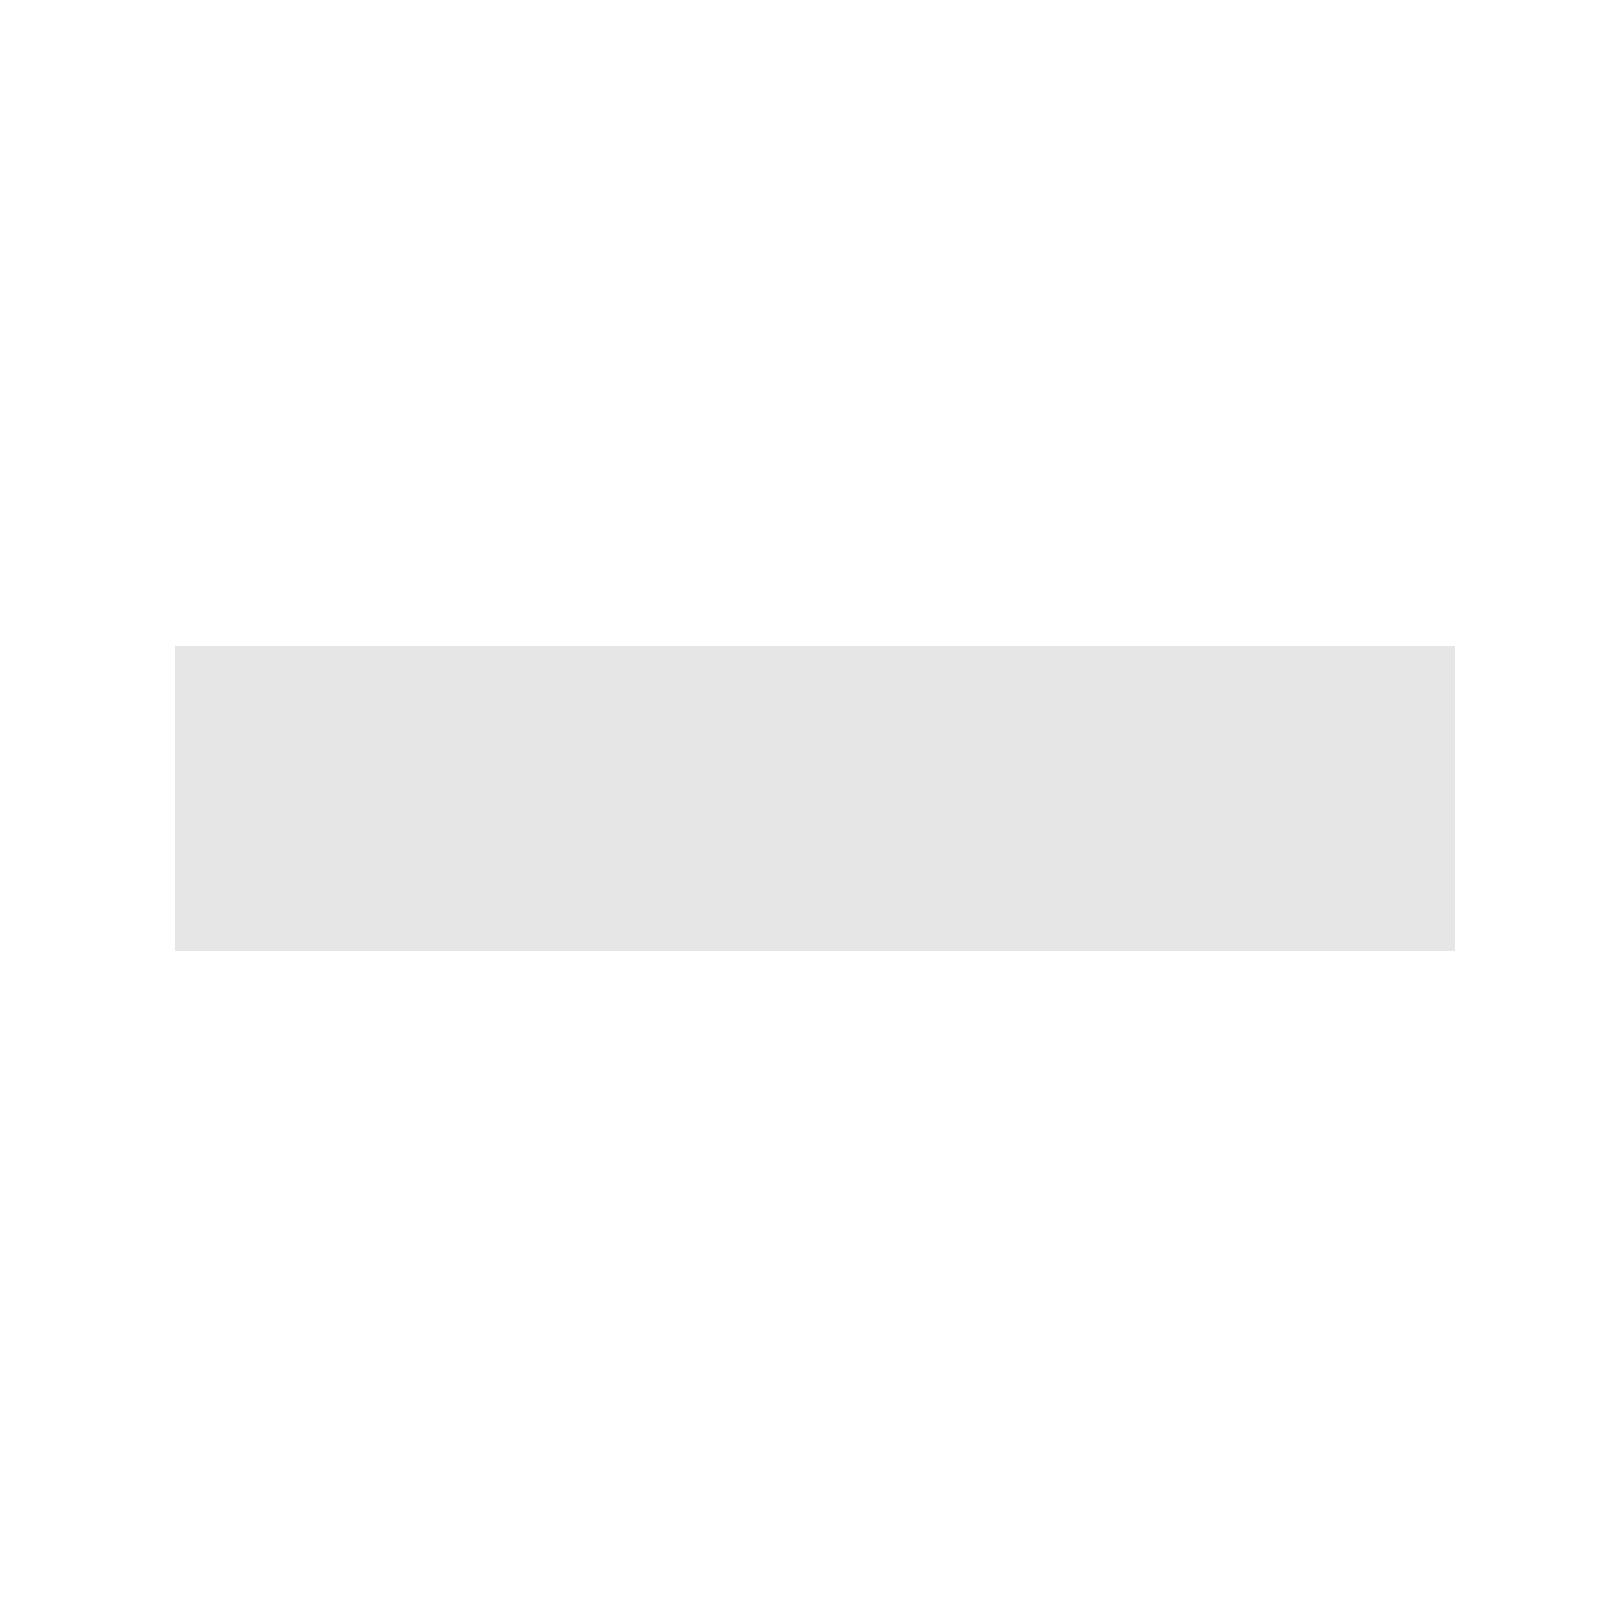 carpenteria brandimarte logo